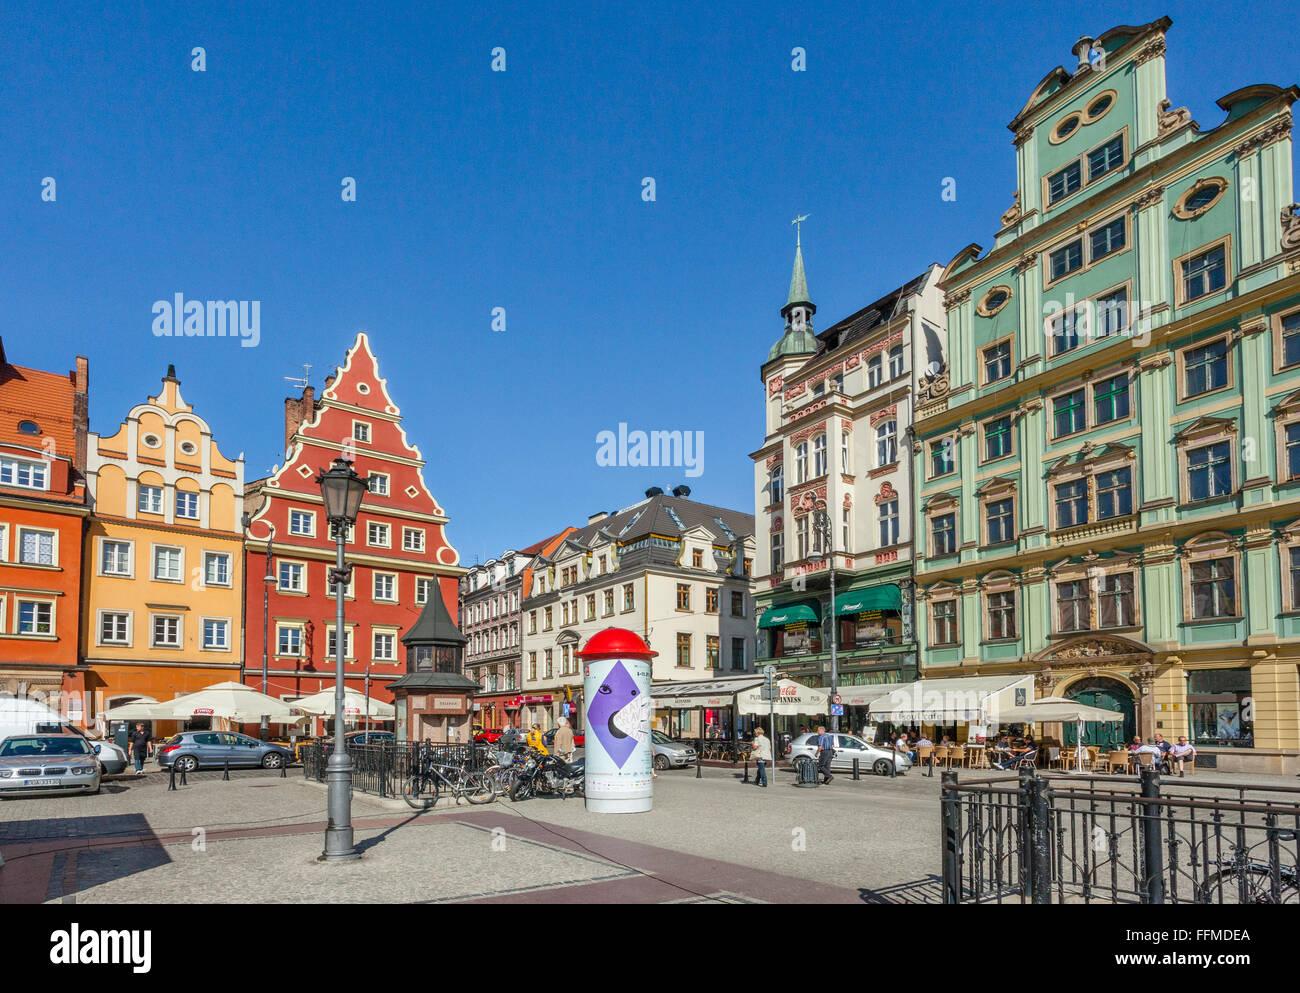 Polonia, Silesia Baja, Wroclaw (Breslau), casas patricias en la Plaza del Mercado de sal Foto de stock